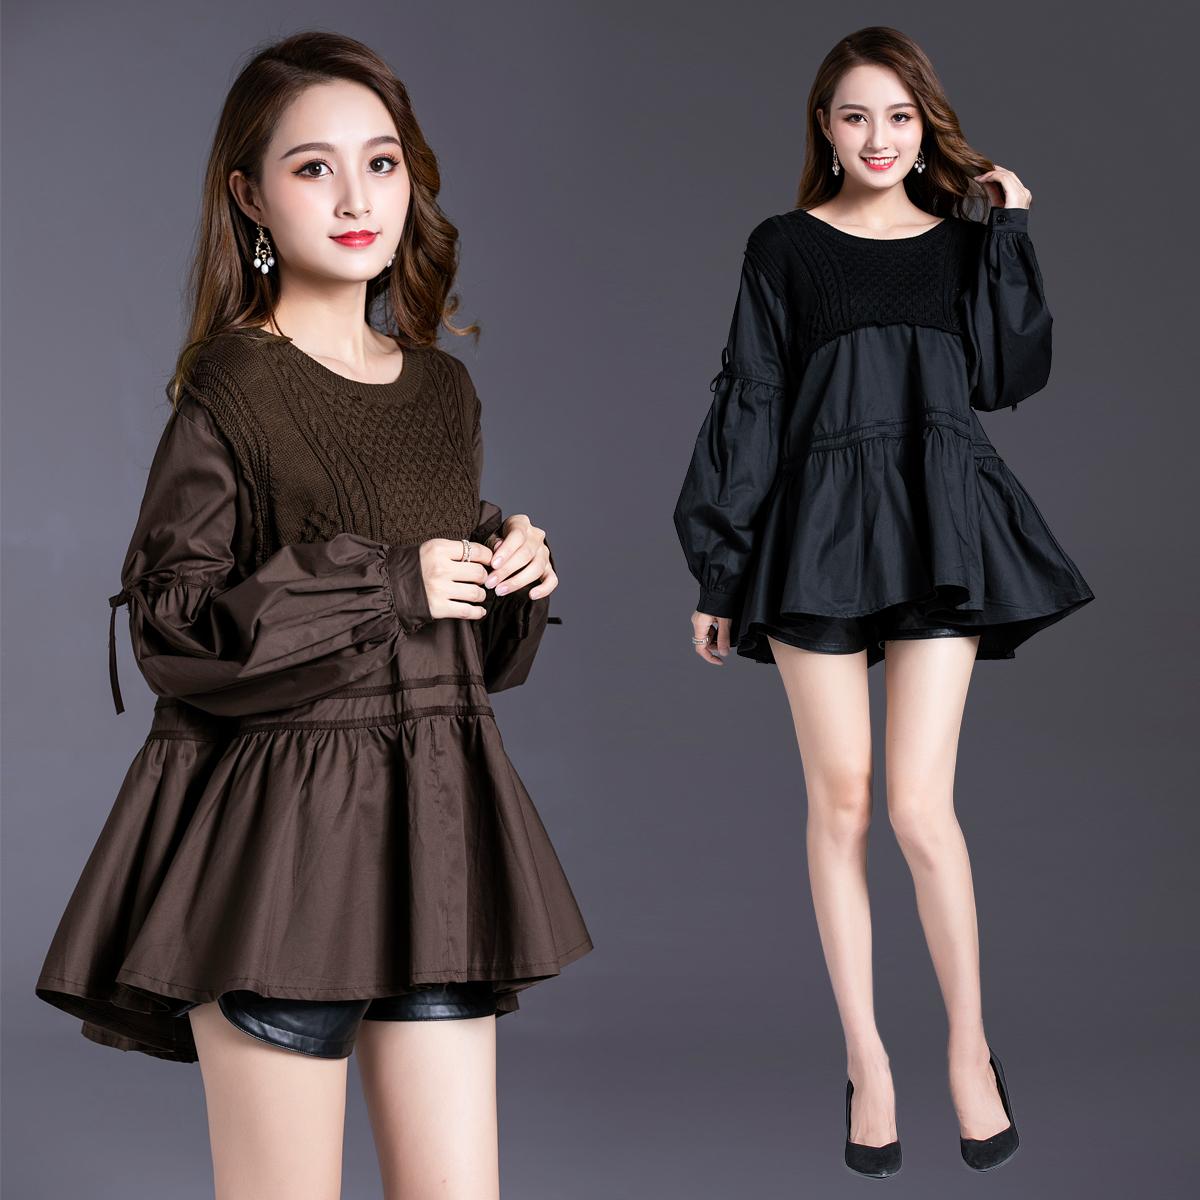 秋装新款遮肚子打底衫女装针织毛衣韩版娃娃衫洋气质蝙蝠衫上衣潮